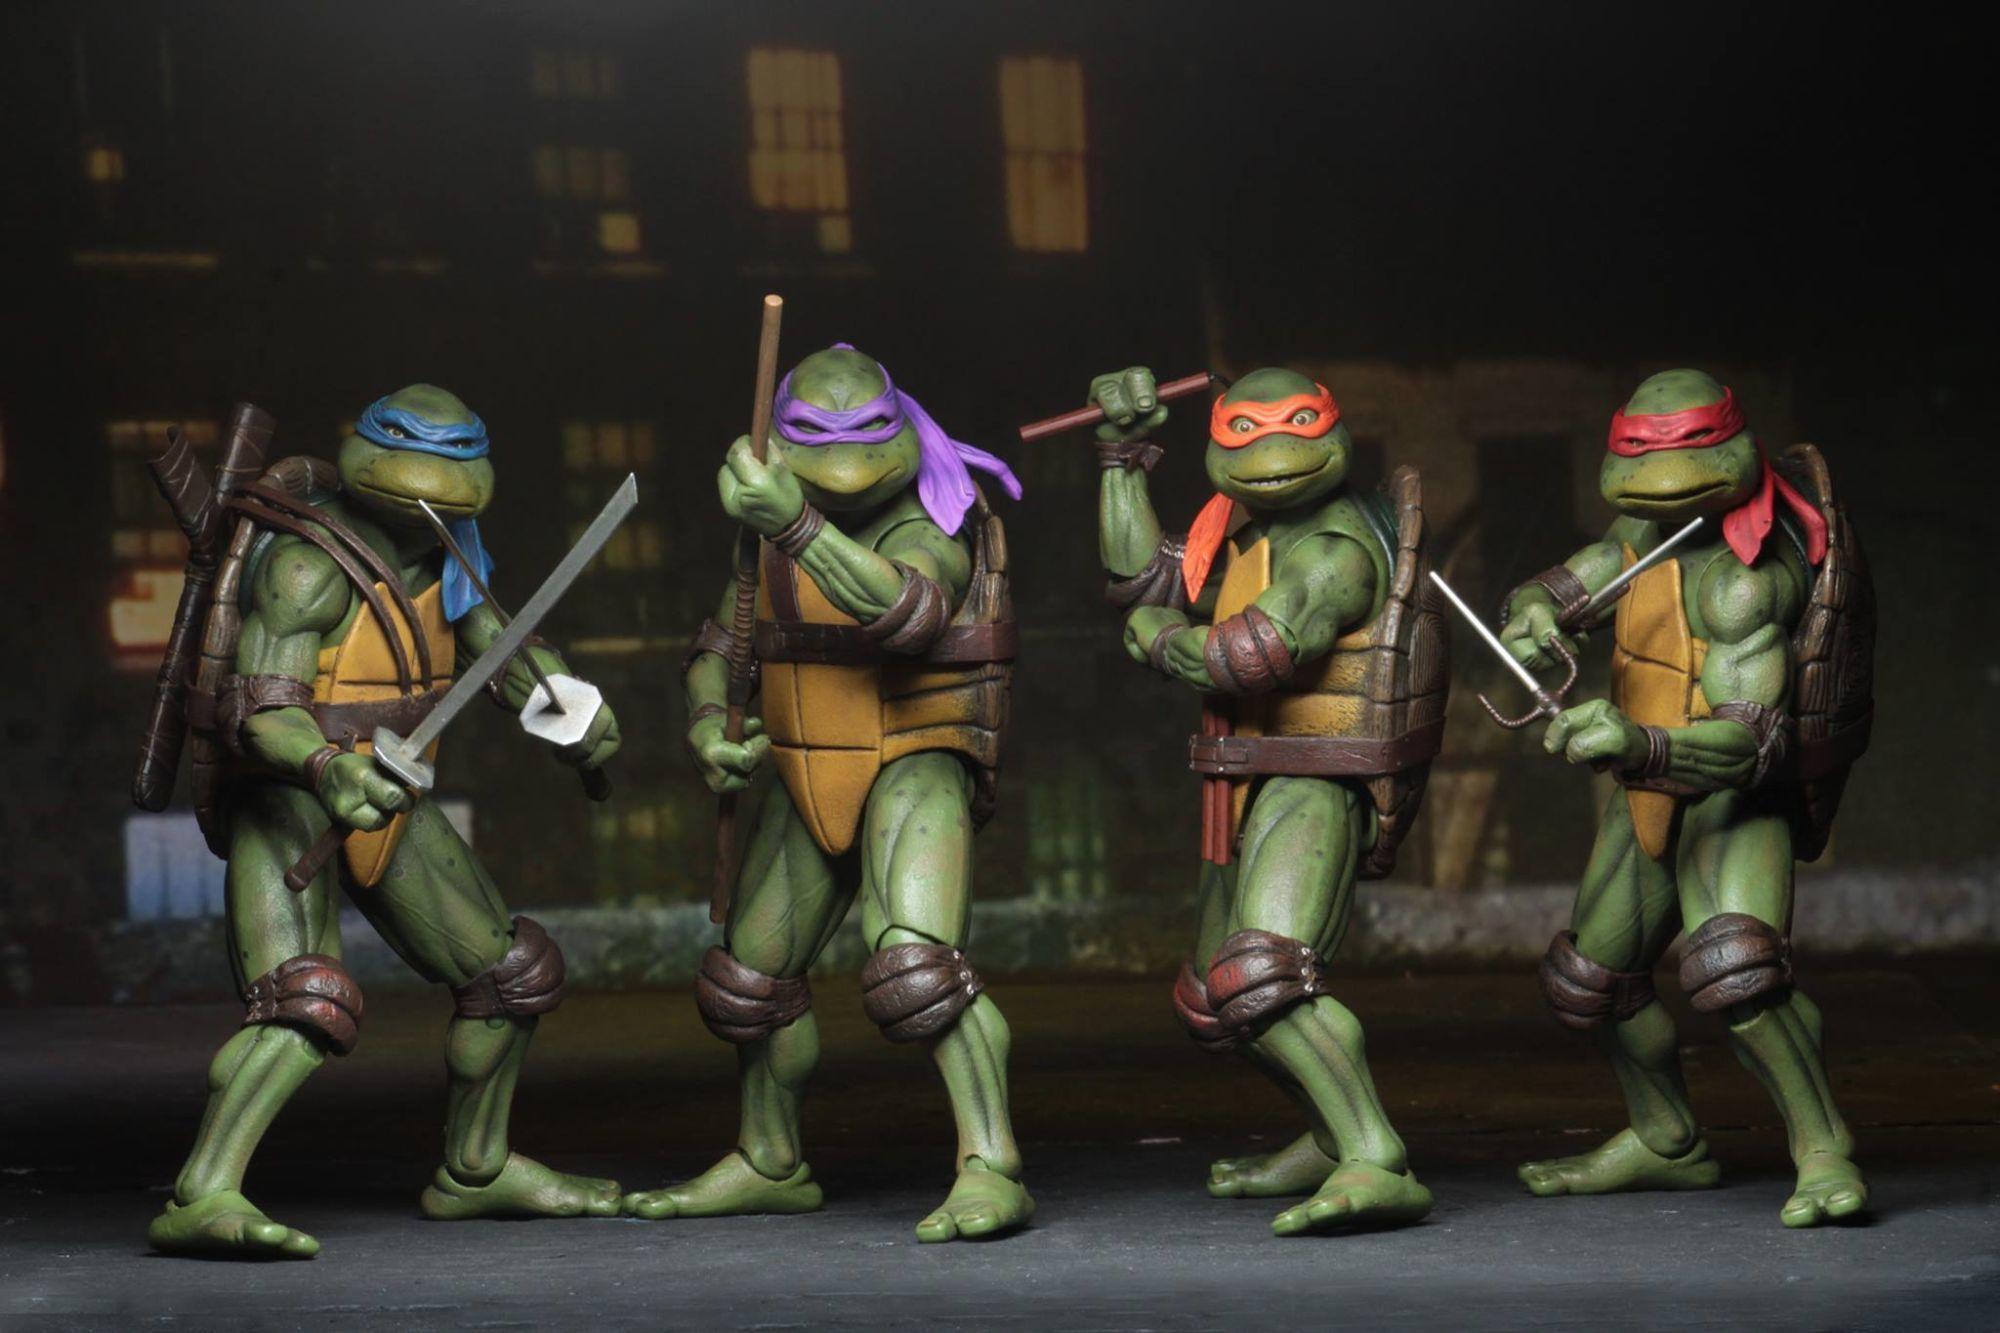 Teenage Mutant Ninja Turtles 1990 Sdcc Exclusives From Neca Teenage Mutant Ninja Turtles Movie Ninja Turtles Movie Teenage Ninja Turtles